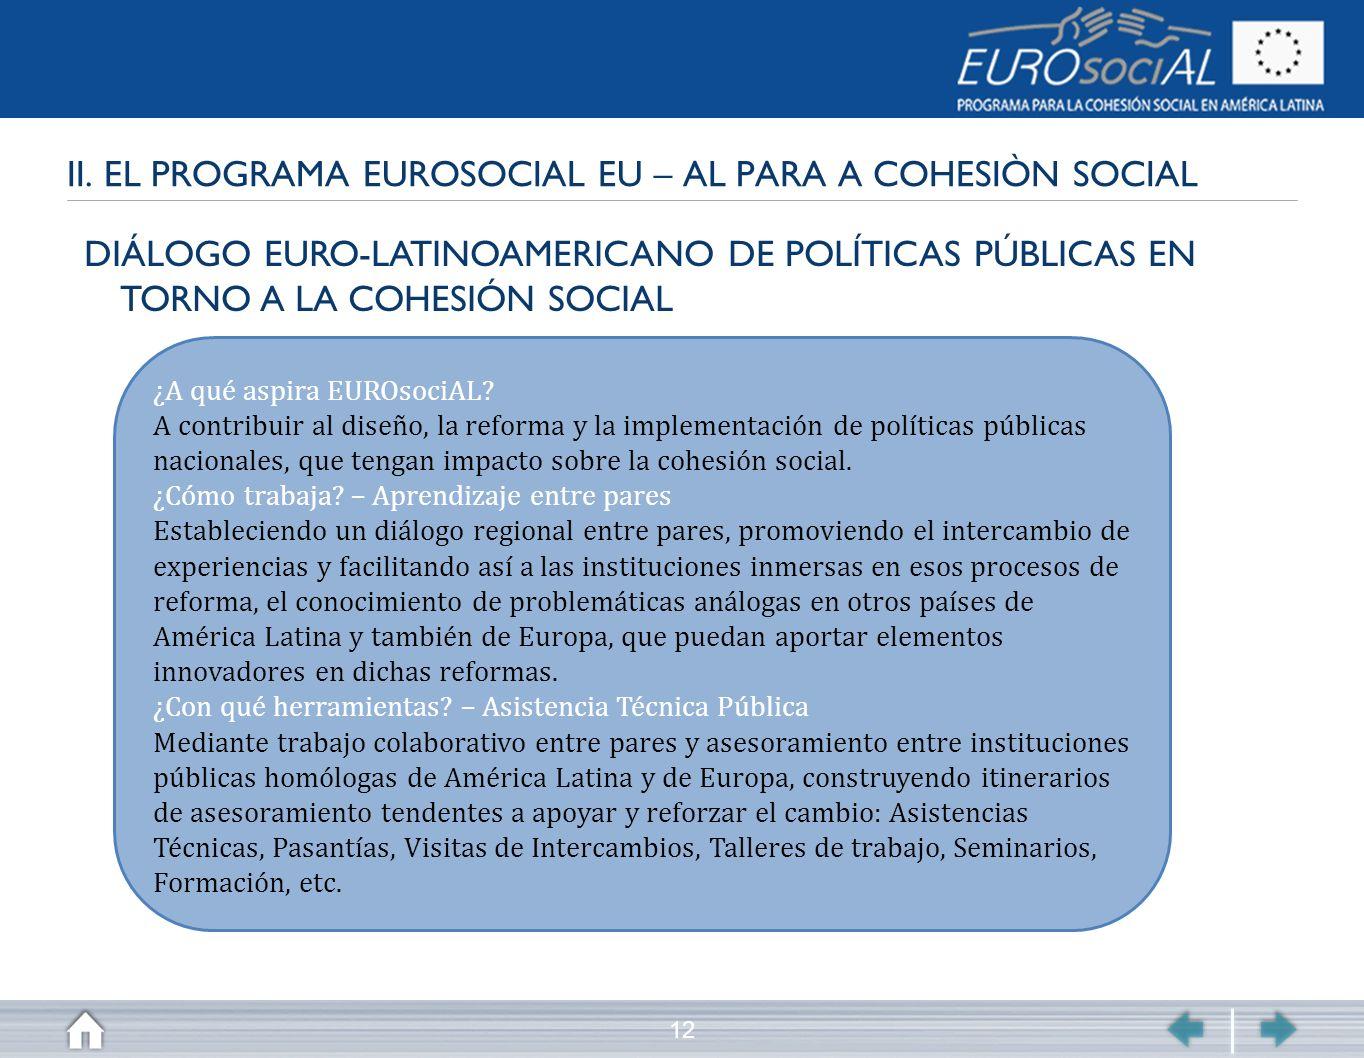 II. EL PROGRAMA EUROSOCIAL EU – AL PARA A COHESIÒN SOCIAL